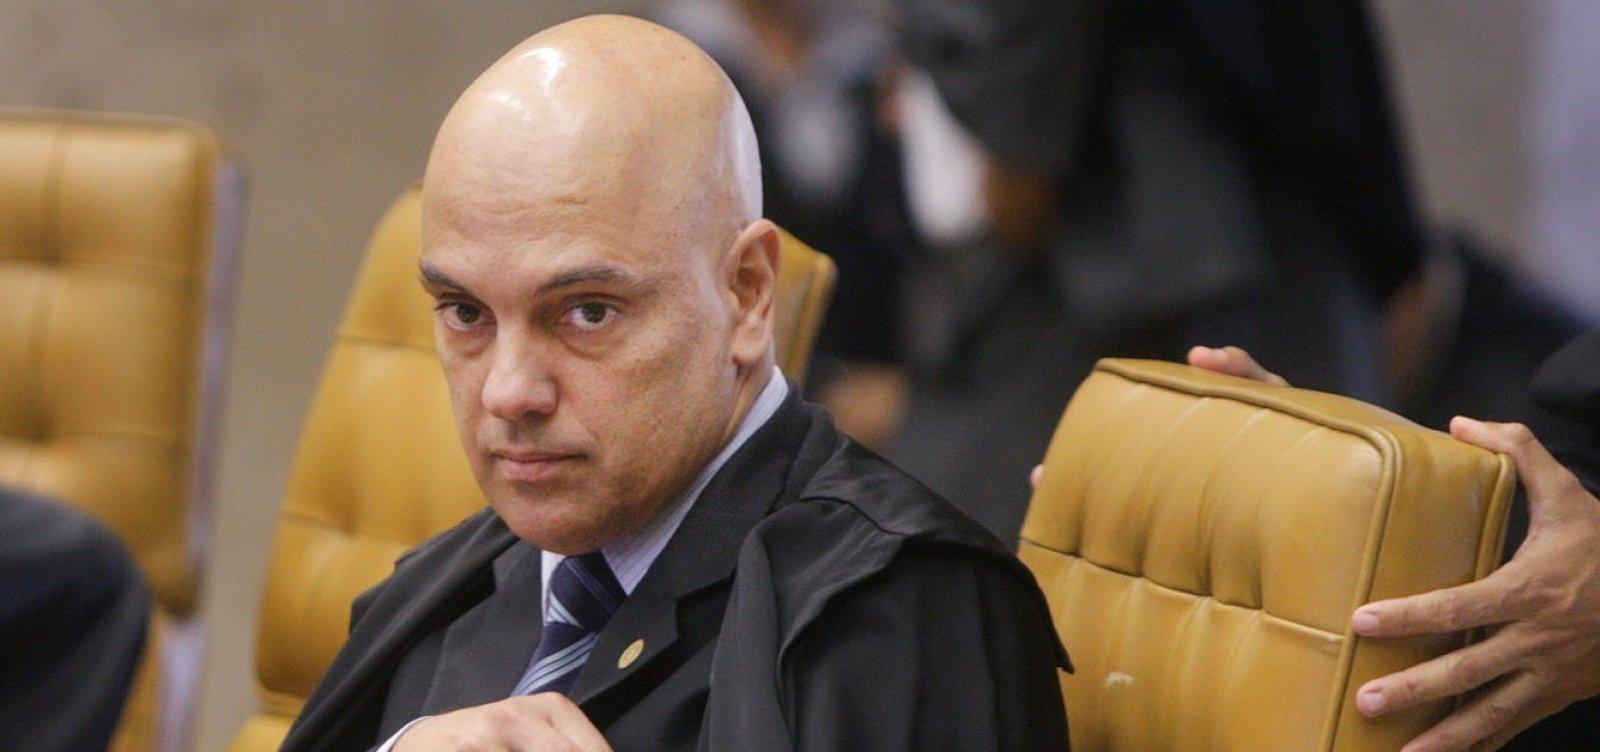 [Ministro do STF justifica censura antes da verificação de possível fake news]